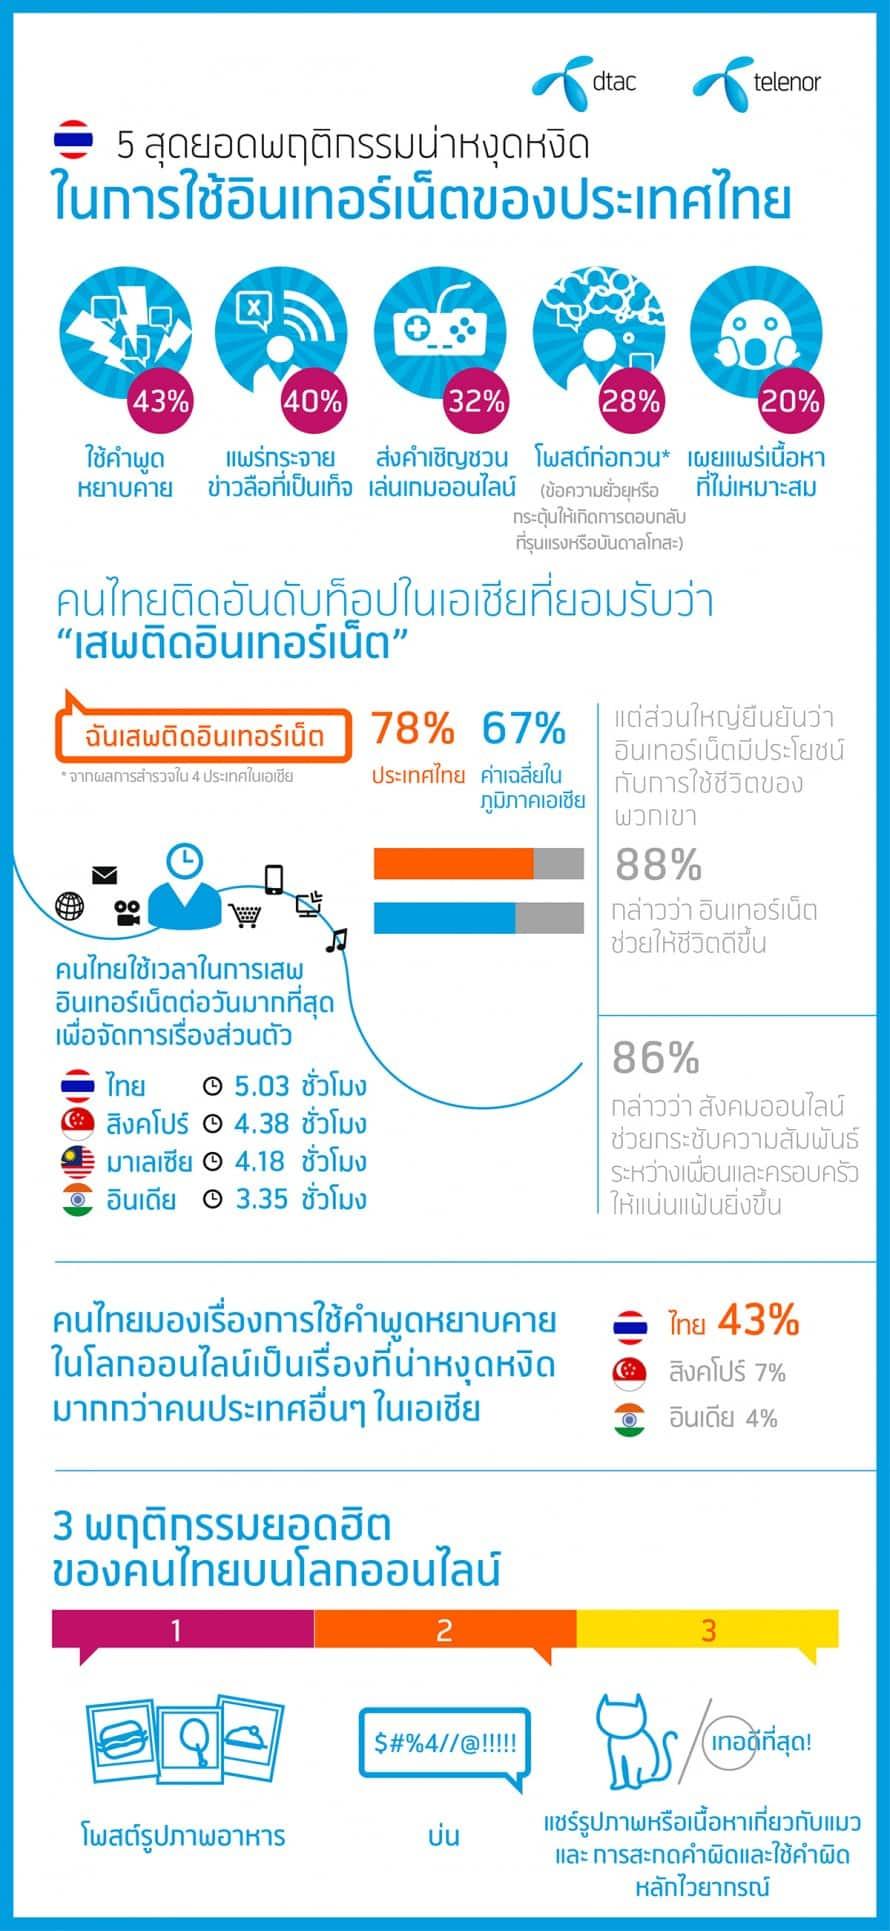 รูป dtac TH 890x19311 ประกอบเนื้อหา [PR] ดีแทคเผยพฤติกรรมการใช้อินเทอร์เน็ตที่น่าหงุดหงิดของคนไทย